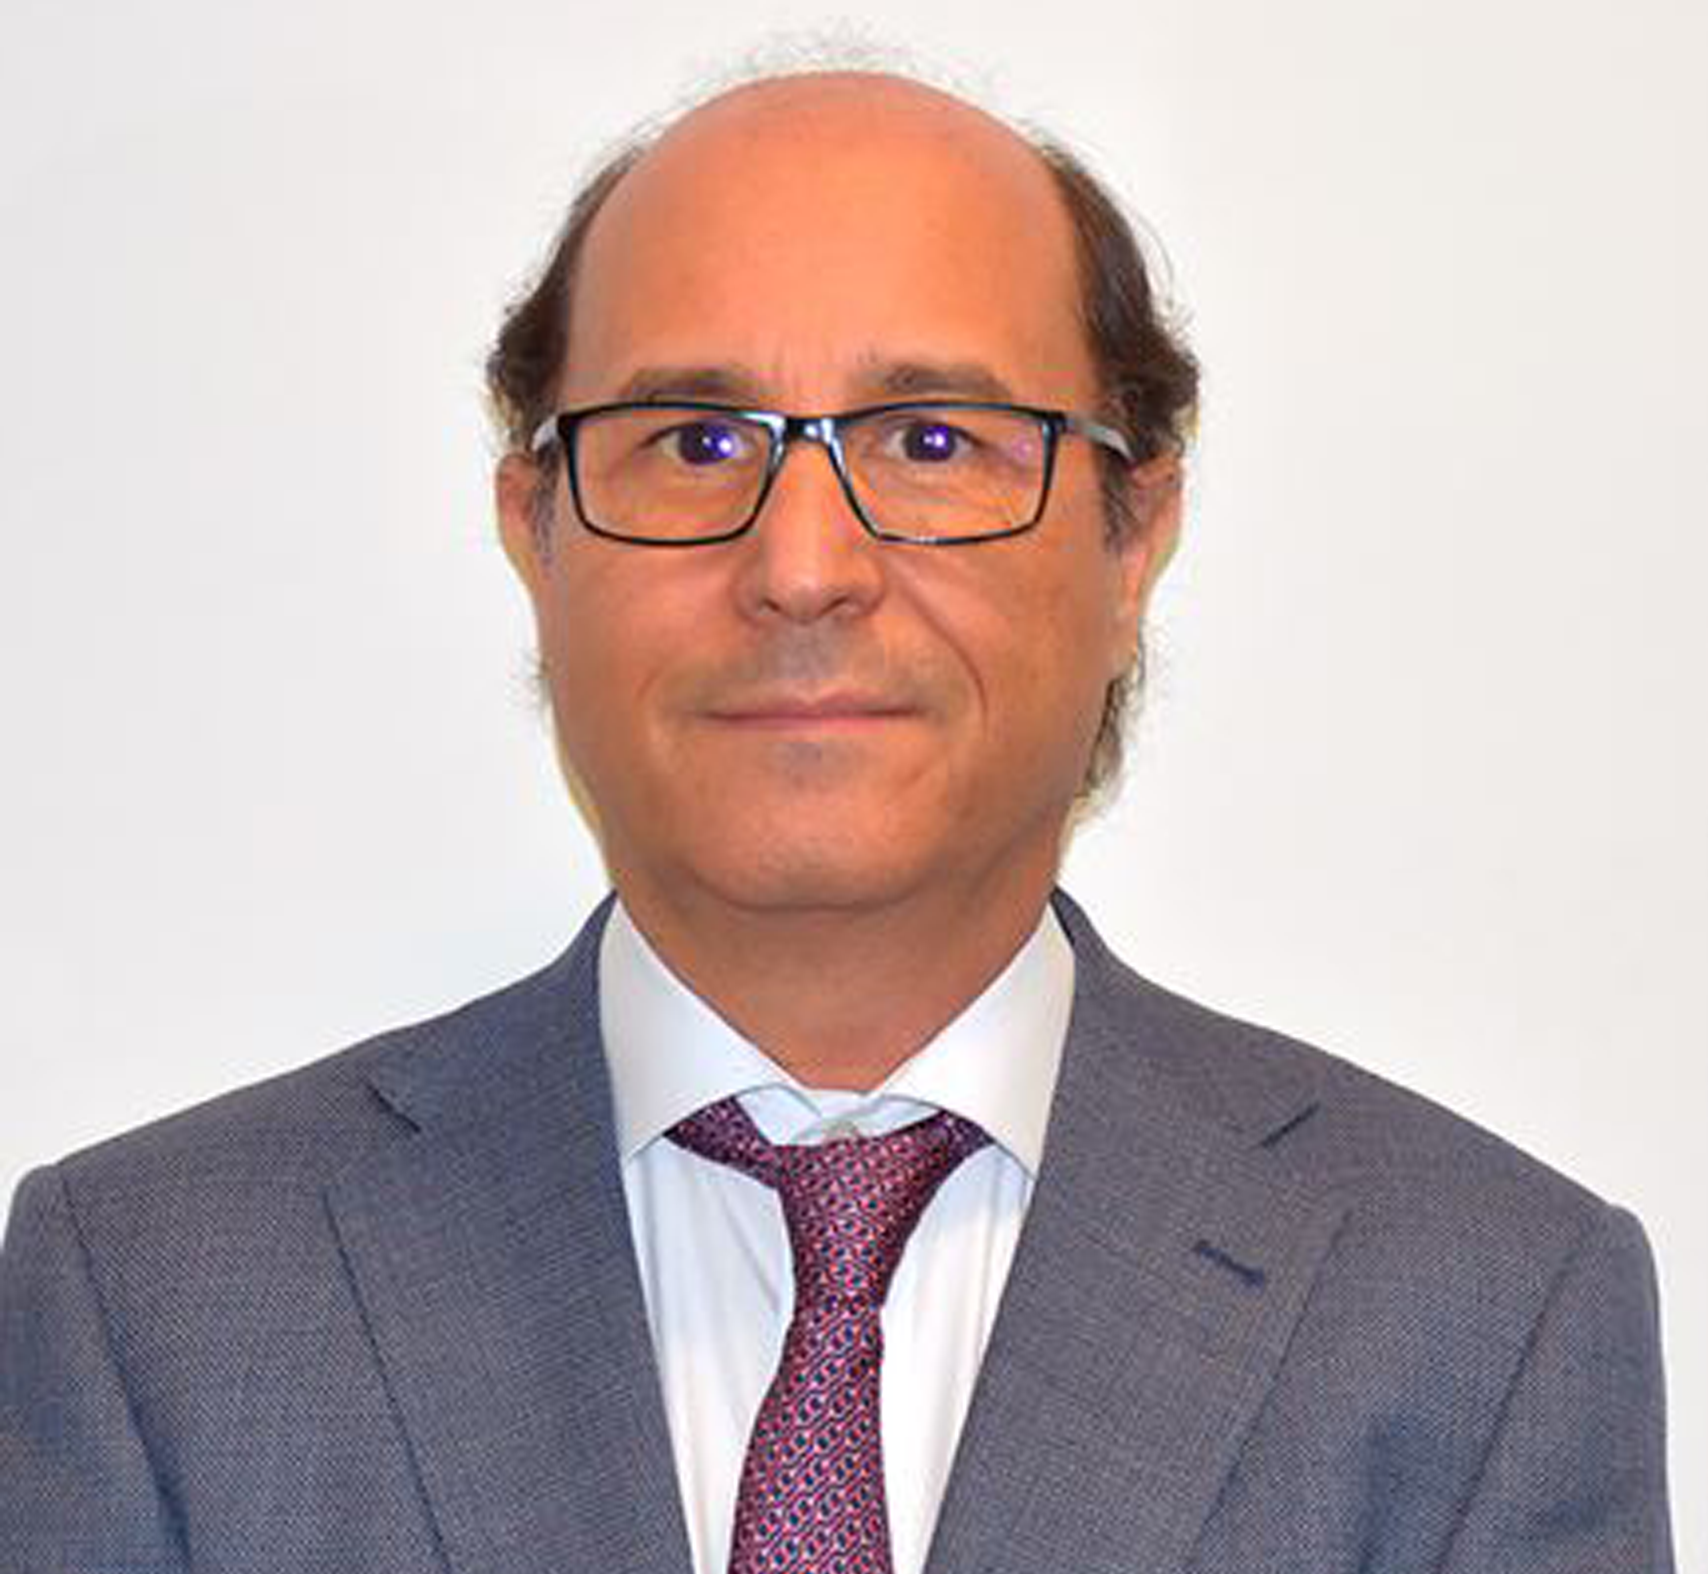 Dr. Eugenio de Miguel